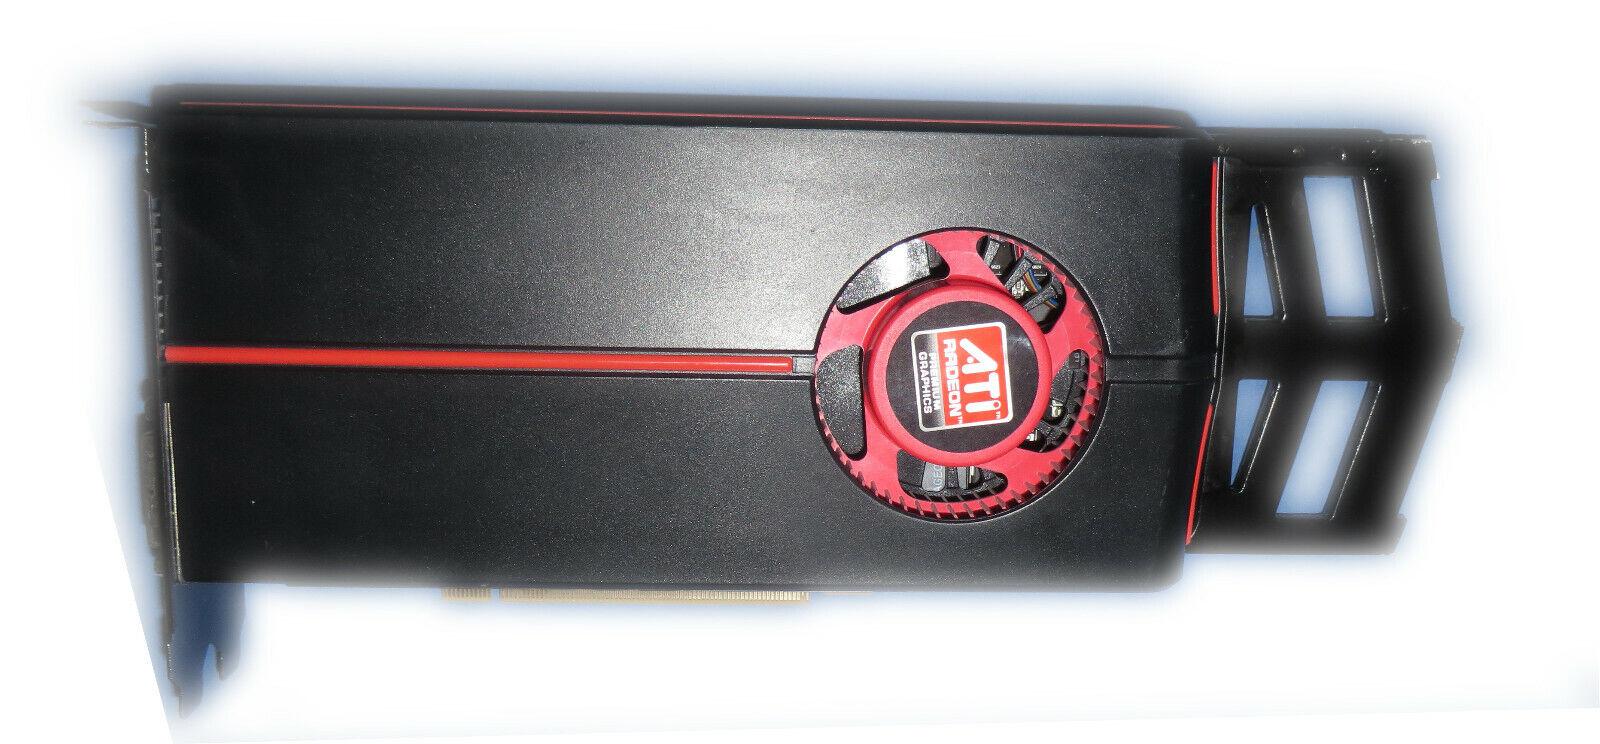 ATI Grafikkarte Radeon HD 5770 1GB PCIe für PC/Mac Pro 1.1/5.1 #80